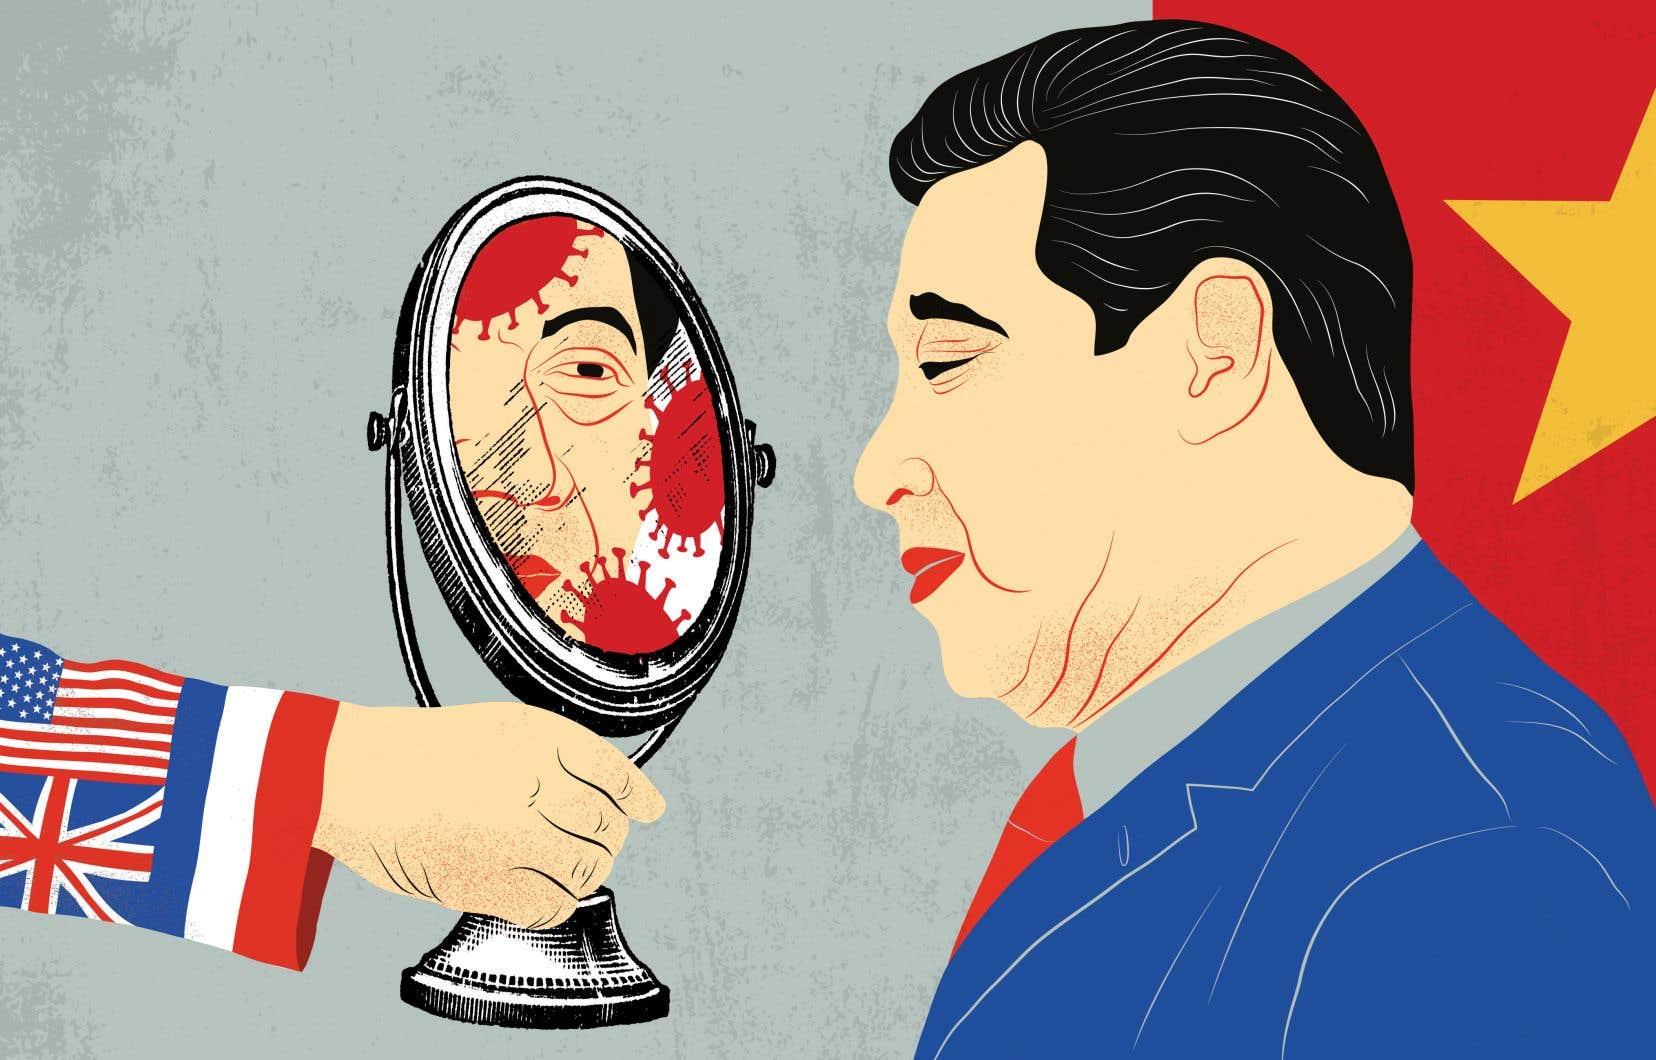 En matière sanitaire, la stigmatisation des Chinois se développe à partir du XIXesiècle. Or, on remarque dans l'histoire que les stigmates de la saleté et de la maladie peuvent s'effacer lorsque les Chinois trouvent une place dans l'ordre occidental des choses.